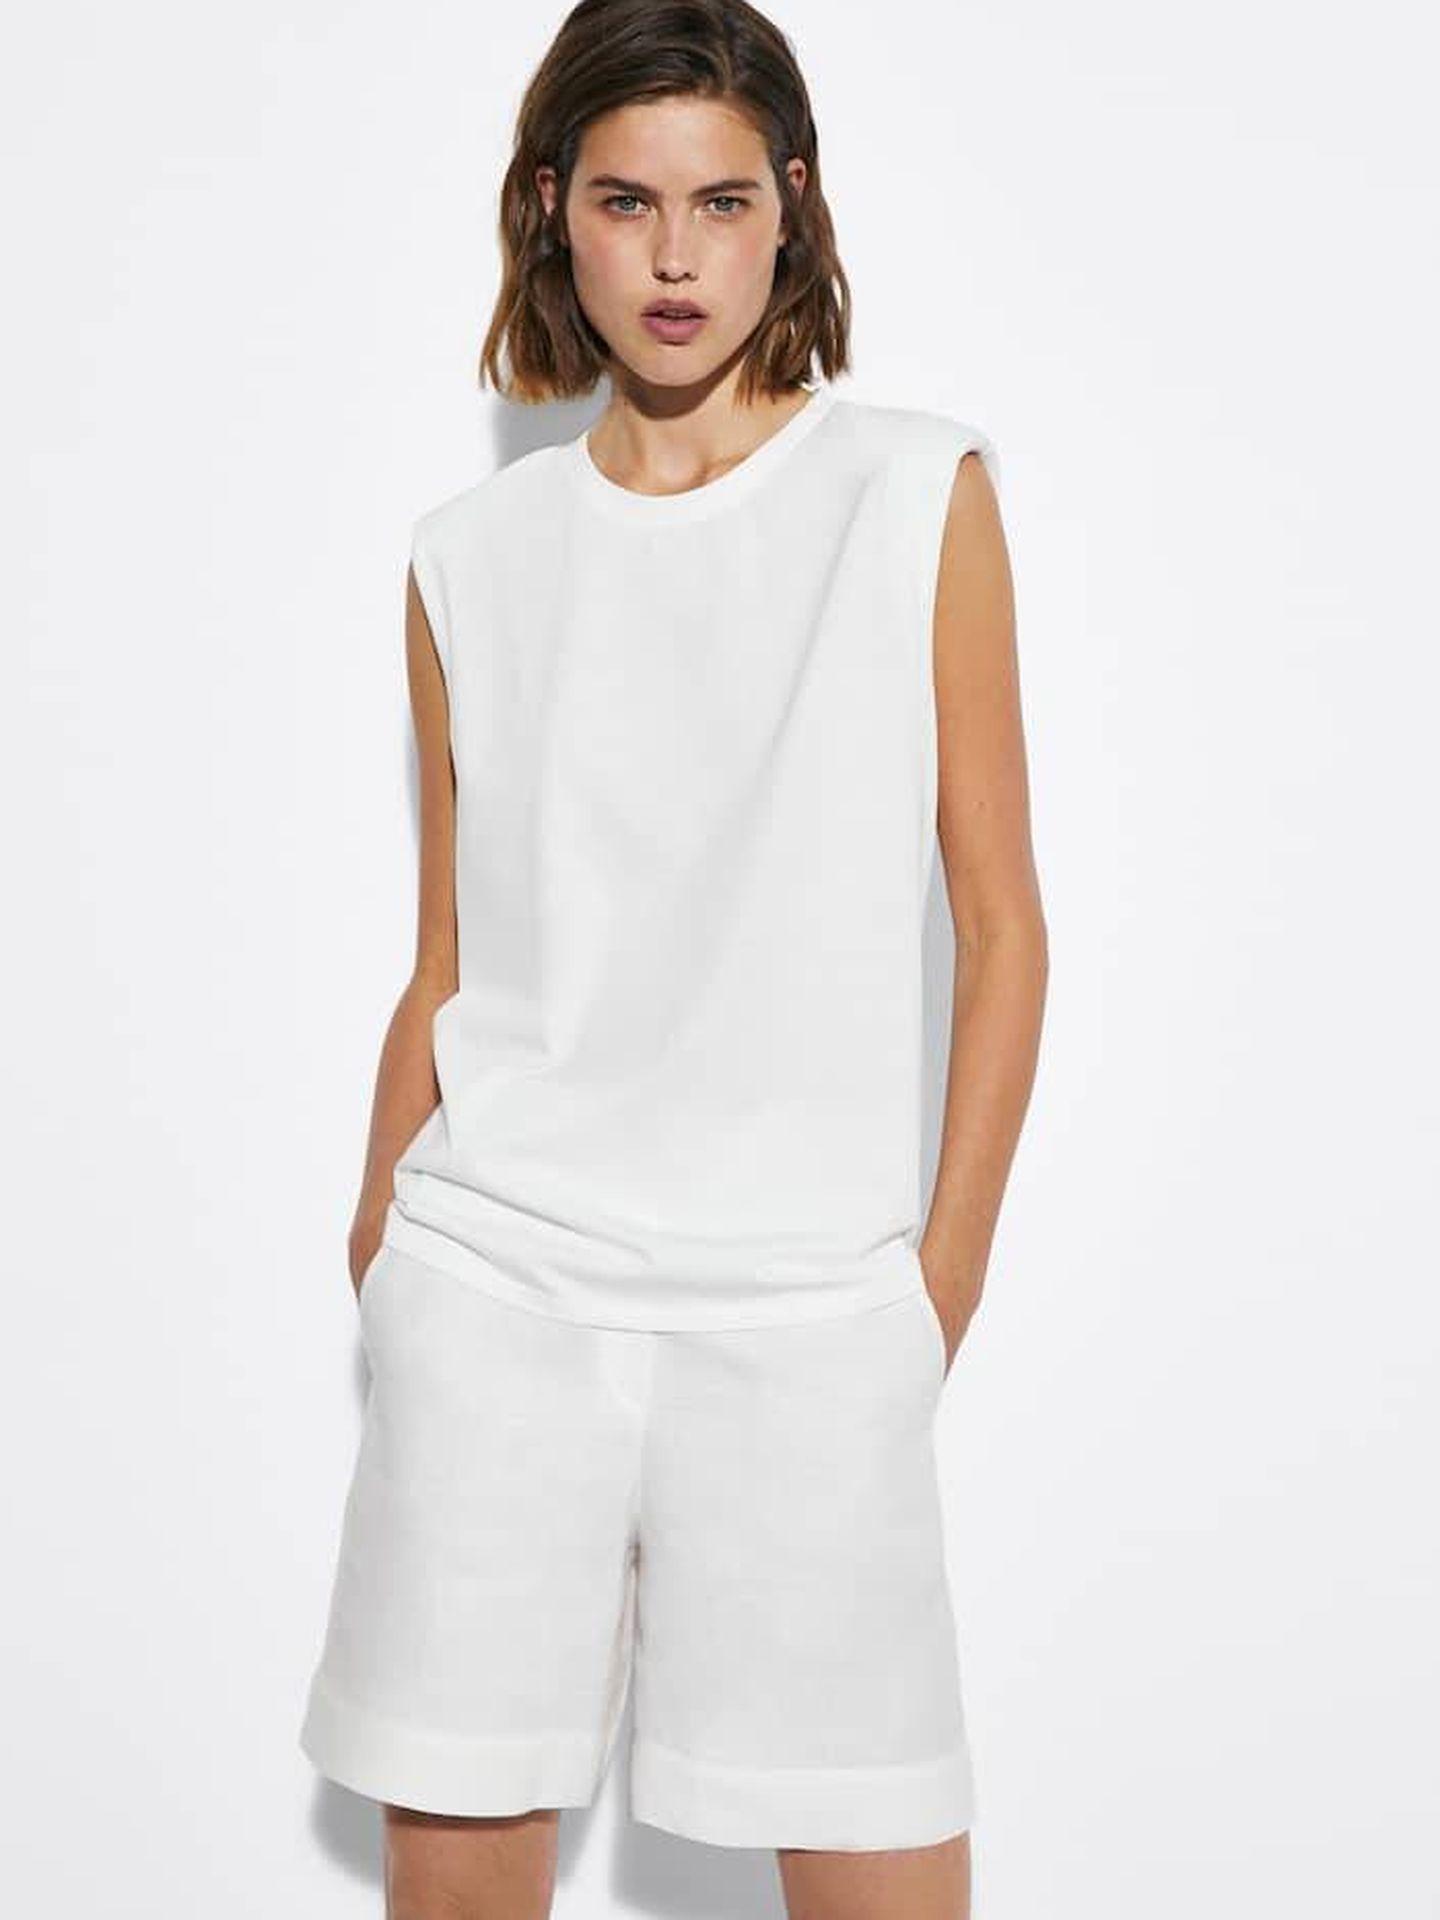 Camiseta blanca de Massimo Dutti. (Cortesía)